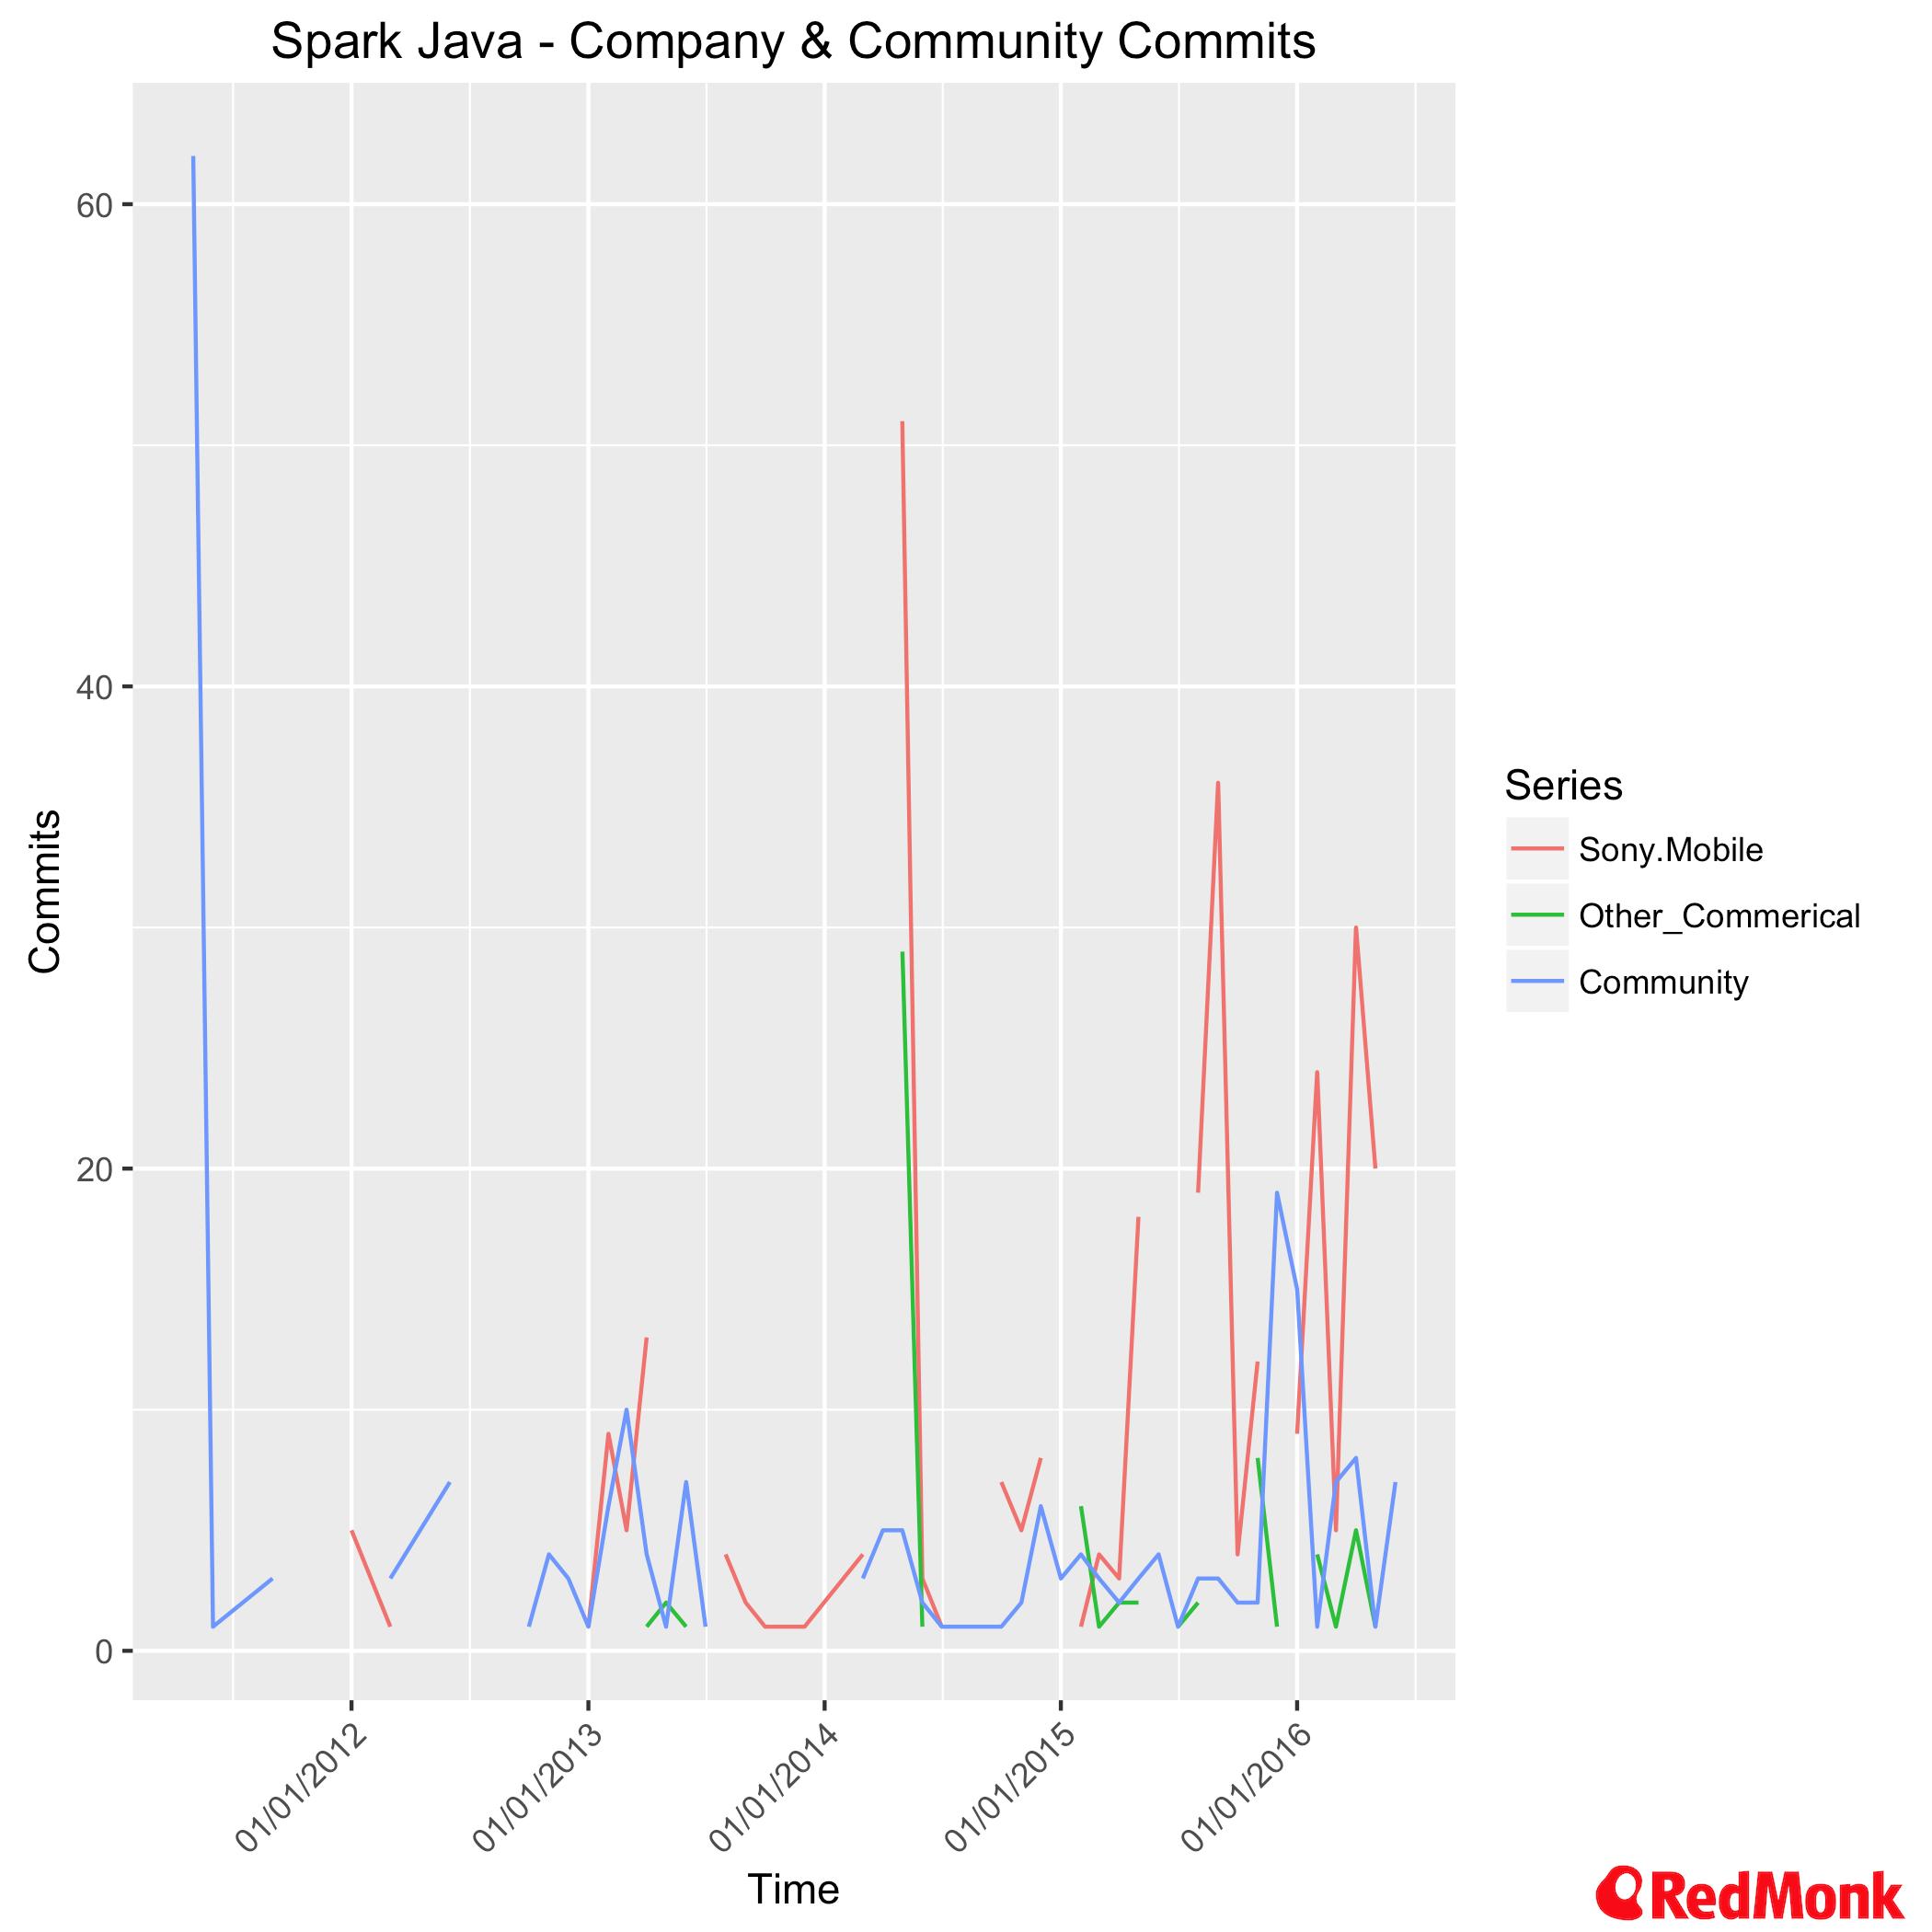 Spark Java - Company & Community Commits